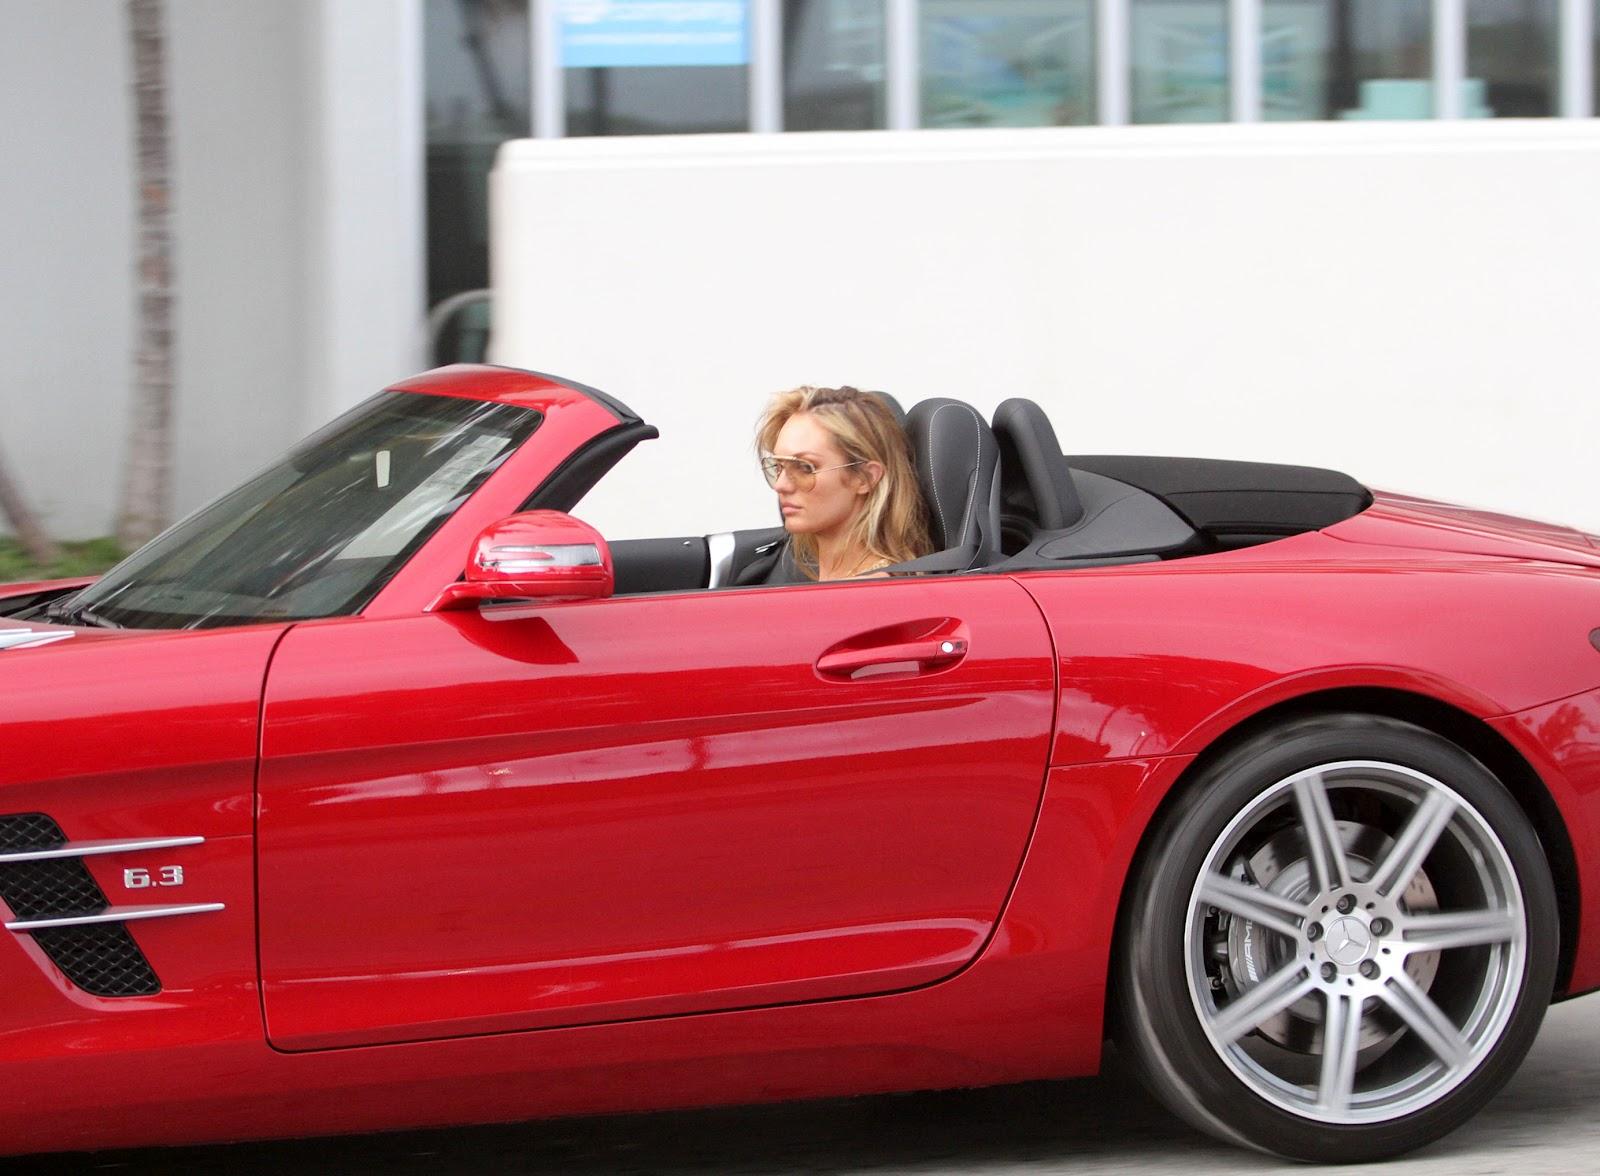 SLS car